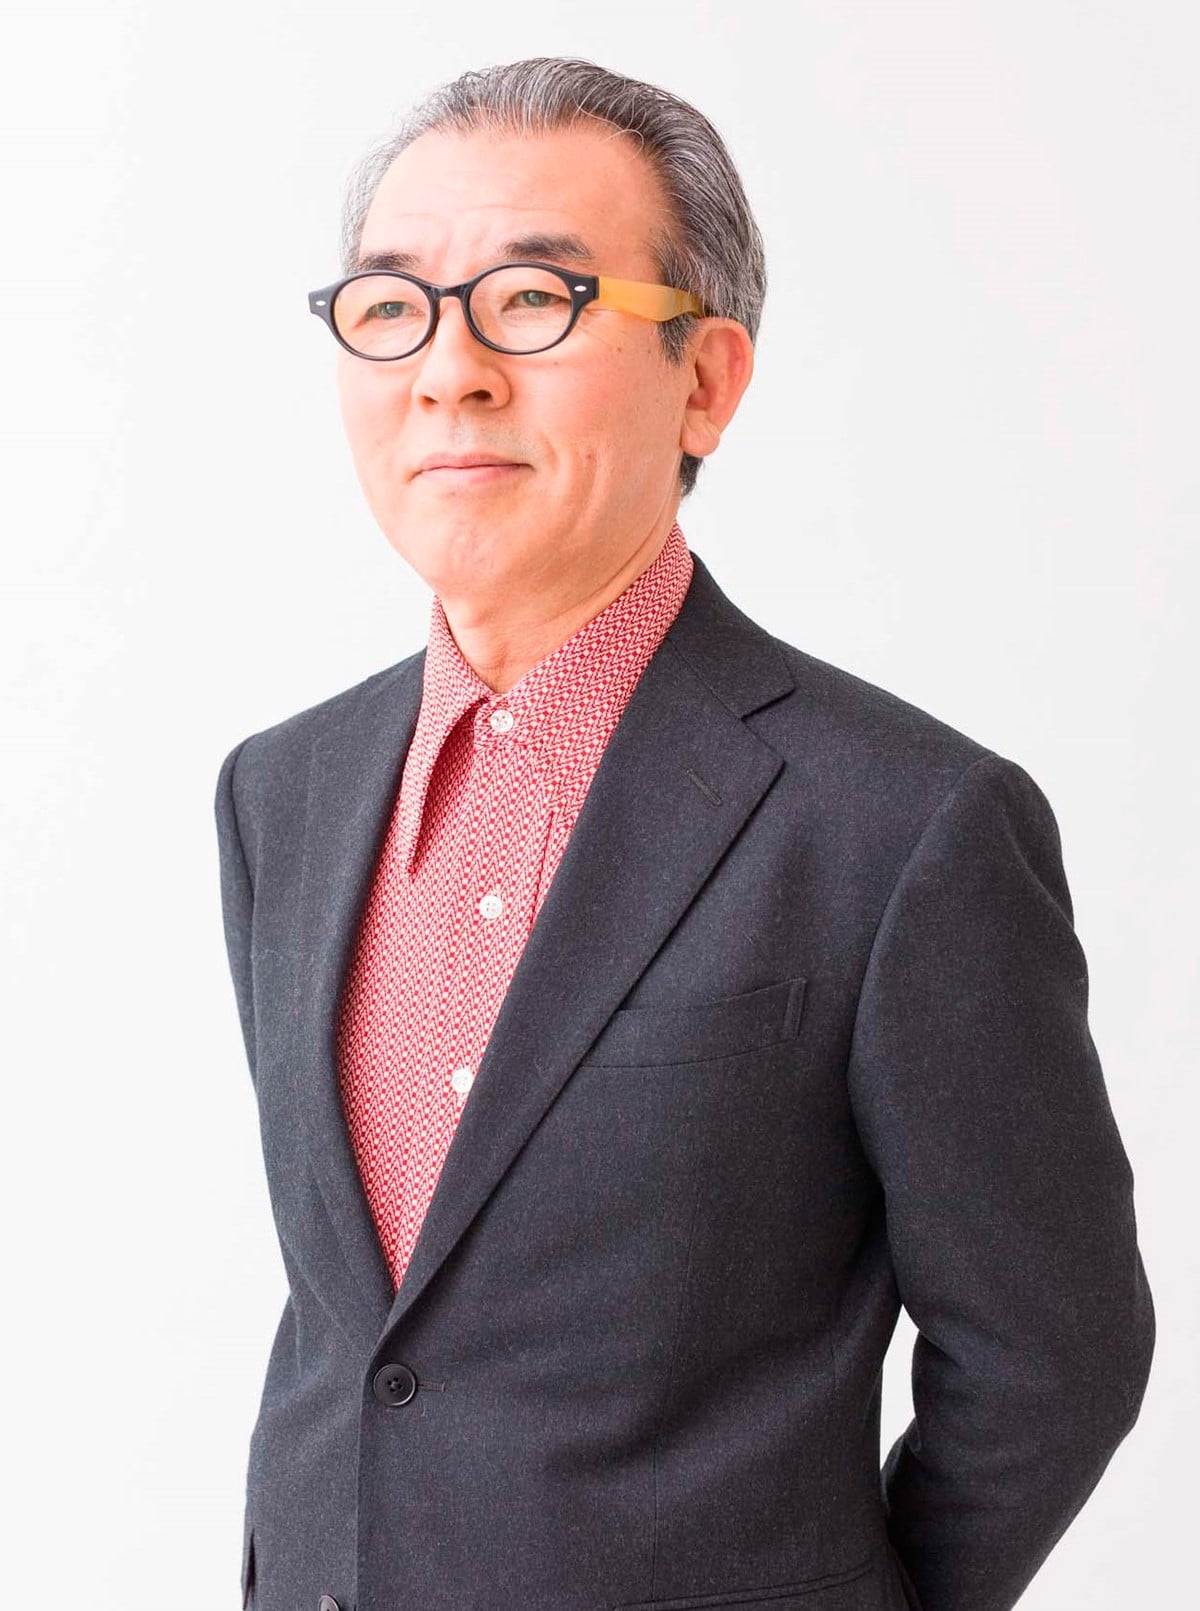 パネルを務める山本豊津は、日本初の現代美術企画画廊「東京画廊」の創始者である山本孝の長男として1948年、東京に生まれる。1981年より東京画廊に参画、2000年より代表を務める。世界のアートフェアへの参加や、展覧会や都市計画のコンサルティングも務める傍ら、日本の古典的表現の発掘・再発見や銀座の街づくり等、多くのプロジェクトを積極的に手がけ、幅広い領域で活動。著書に「アートは資本主義の行方を予言する」 (PHP新書)、「コレクションと資本主義」(角川新書)など。